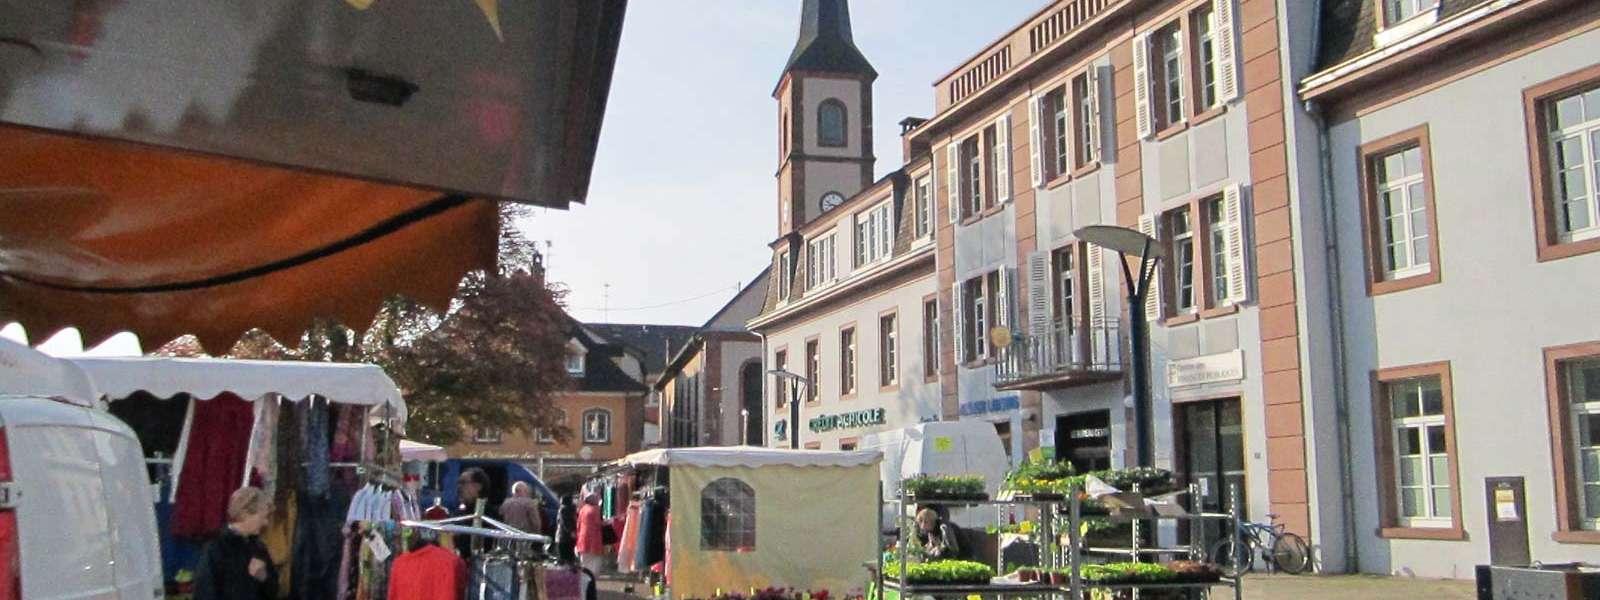 Marché hebdomadaire, Niederbronn-les-Bains, Alsace